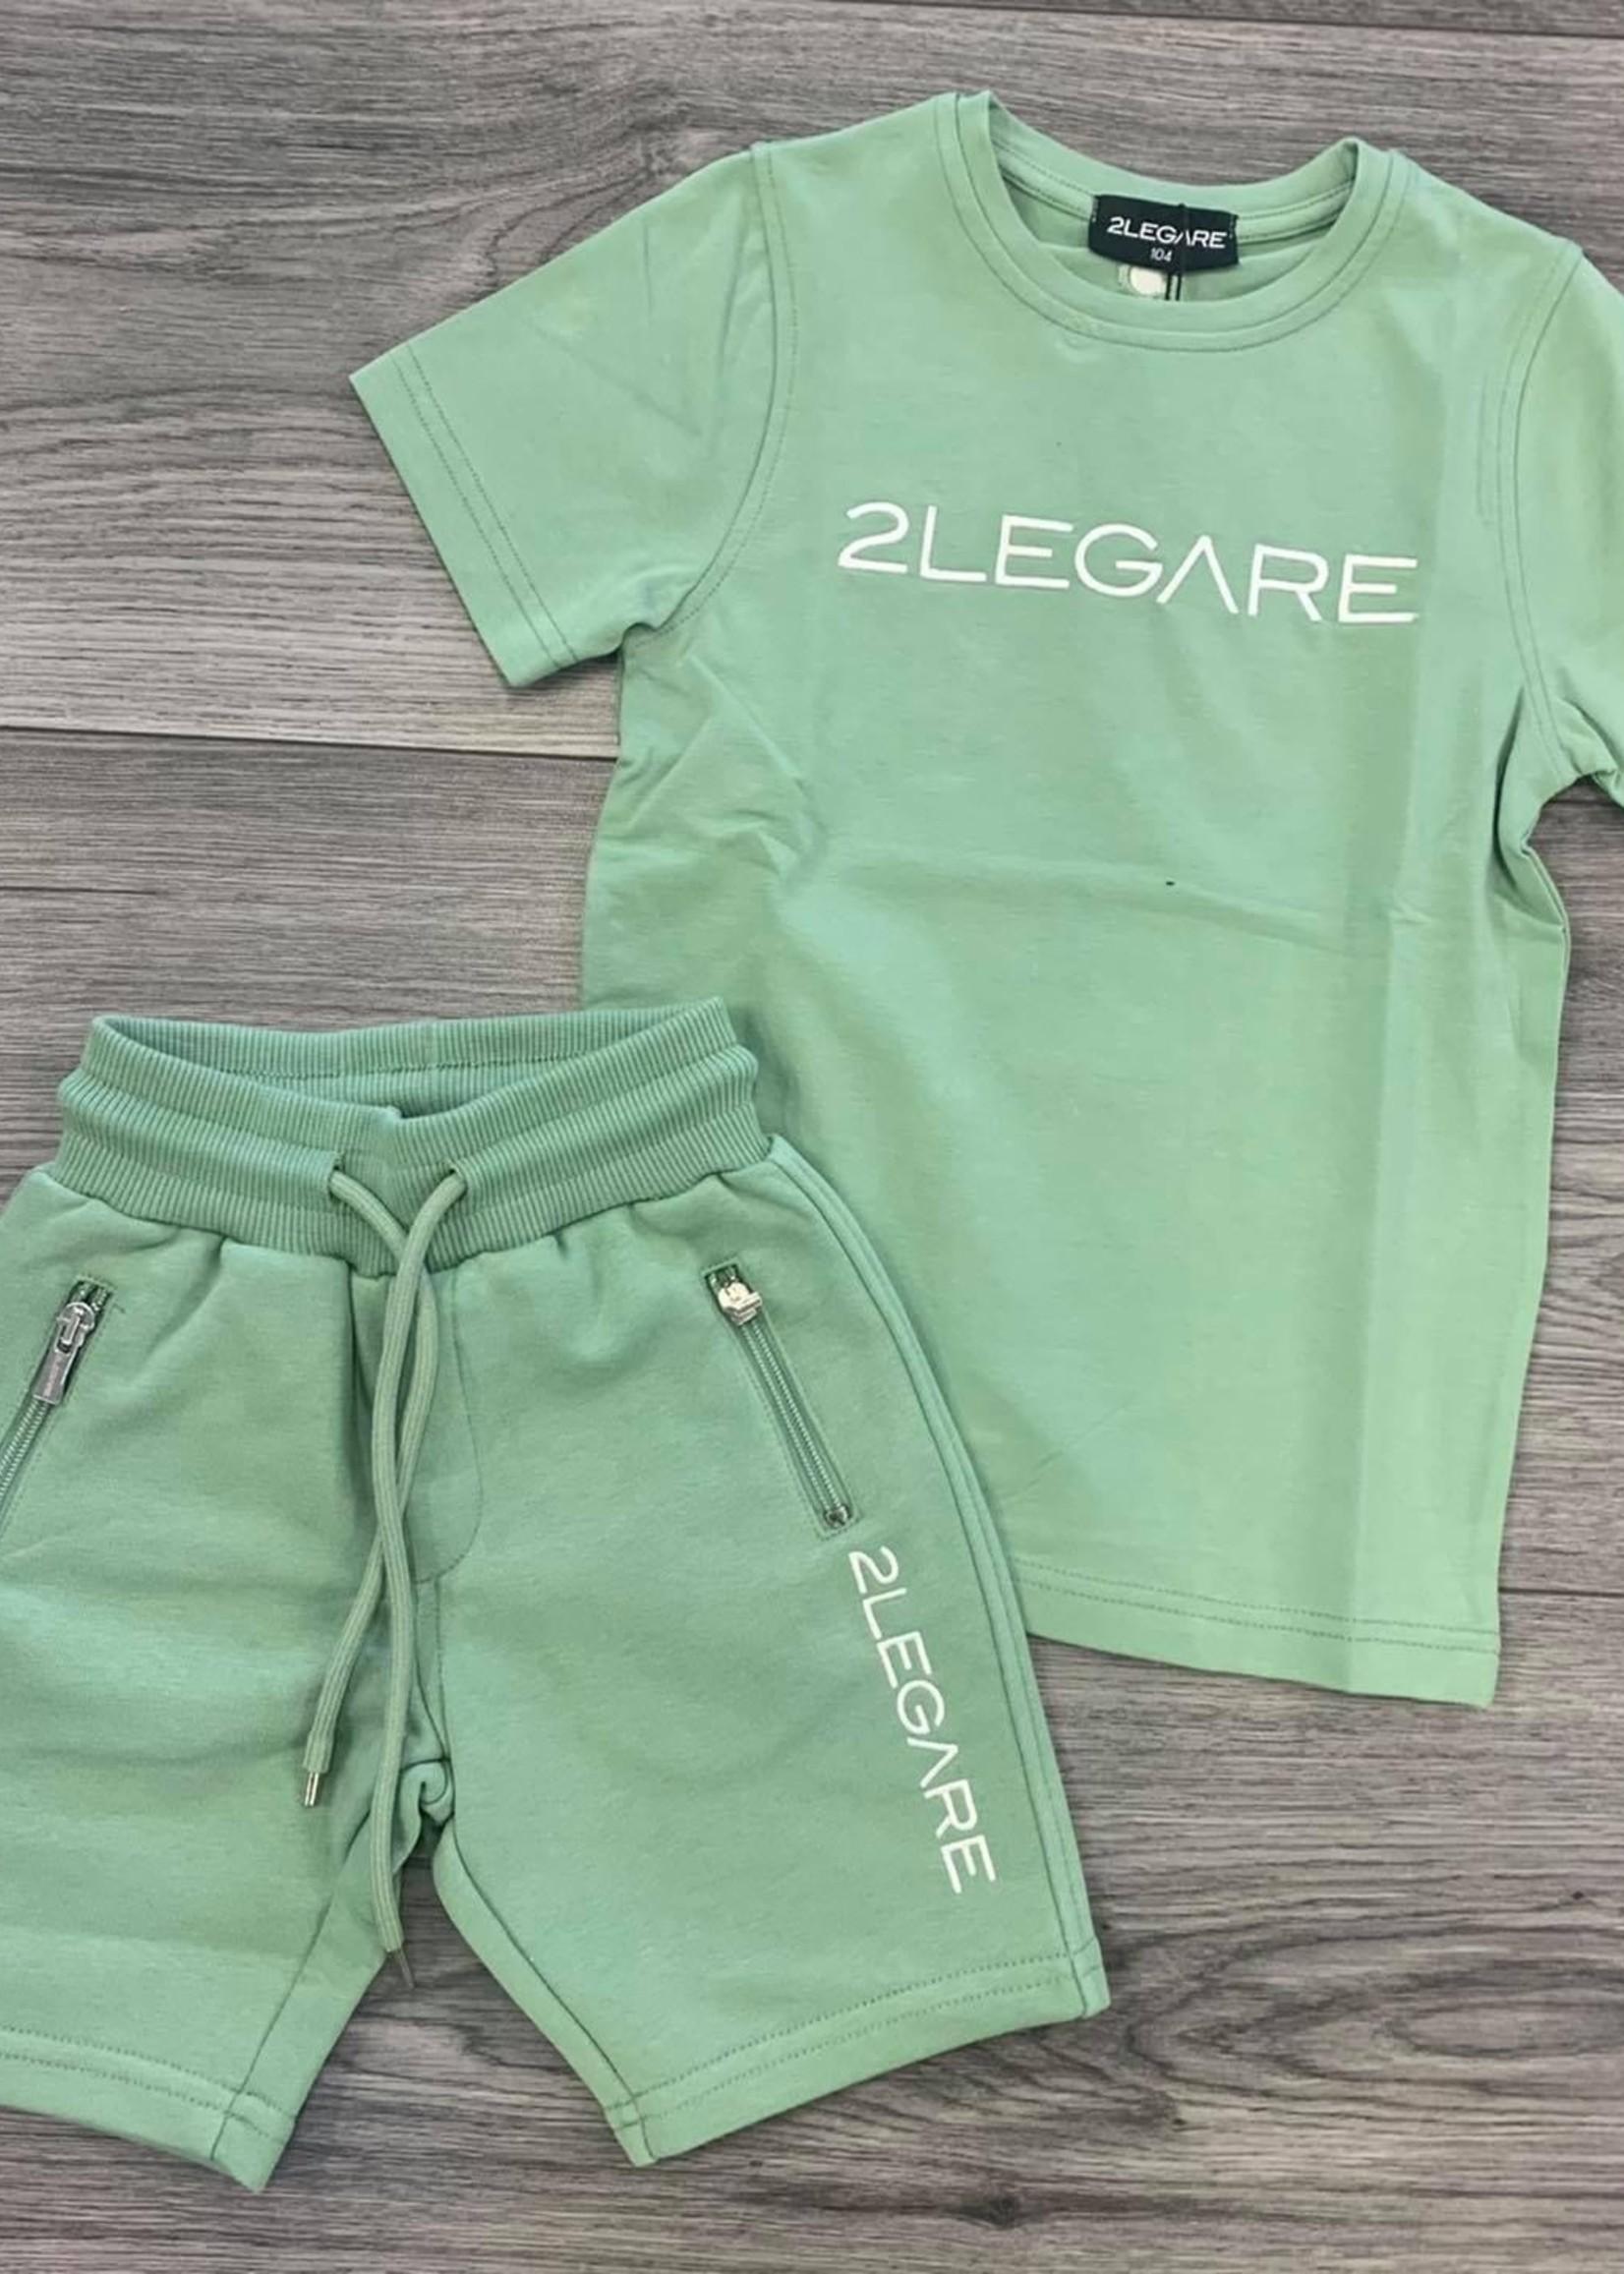 2LEGARE 2LEGARE Kids logo short Light armygreen white